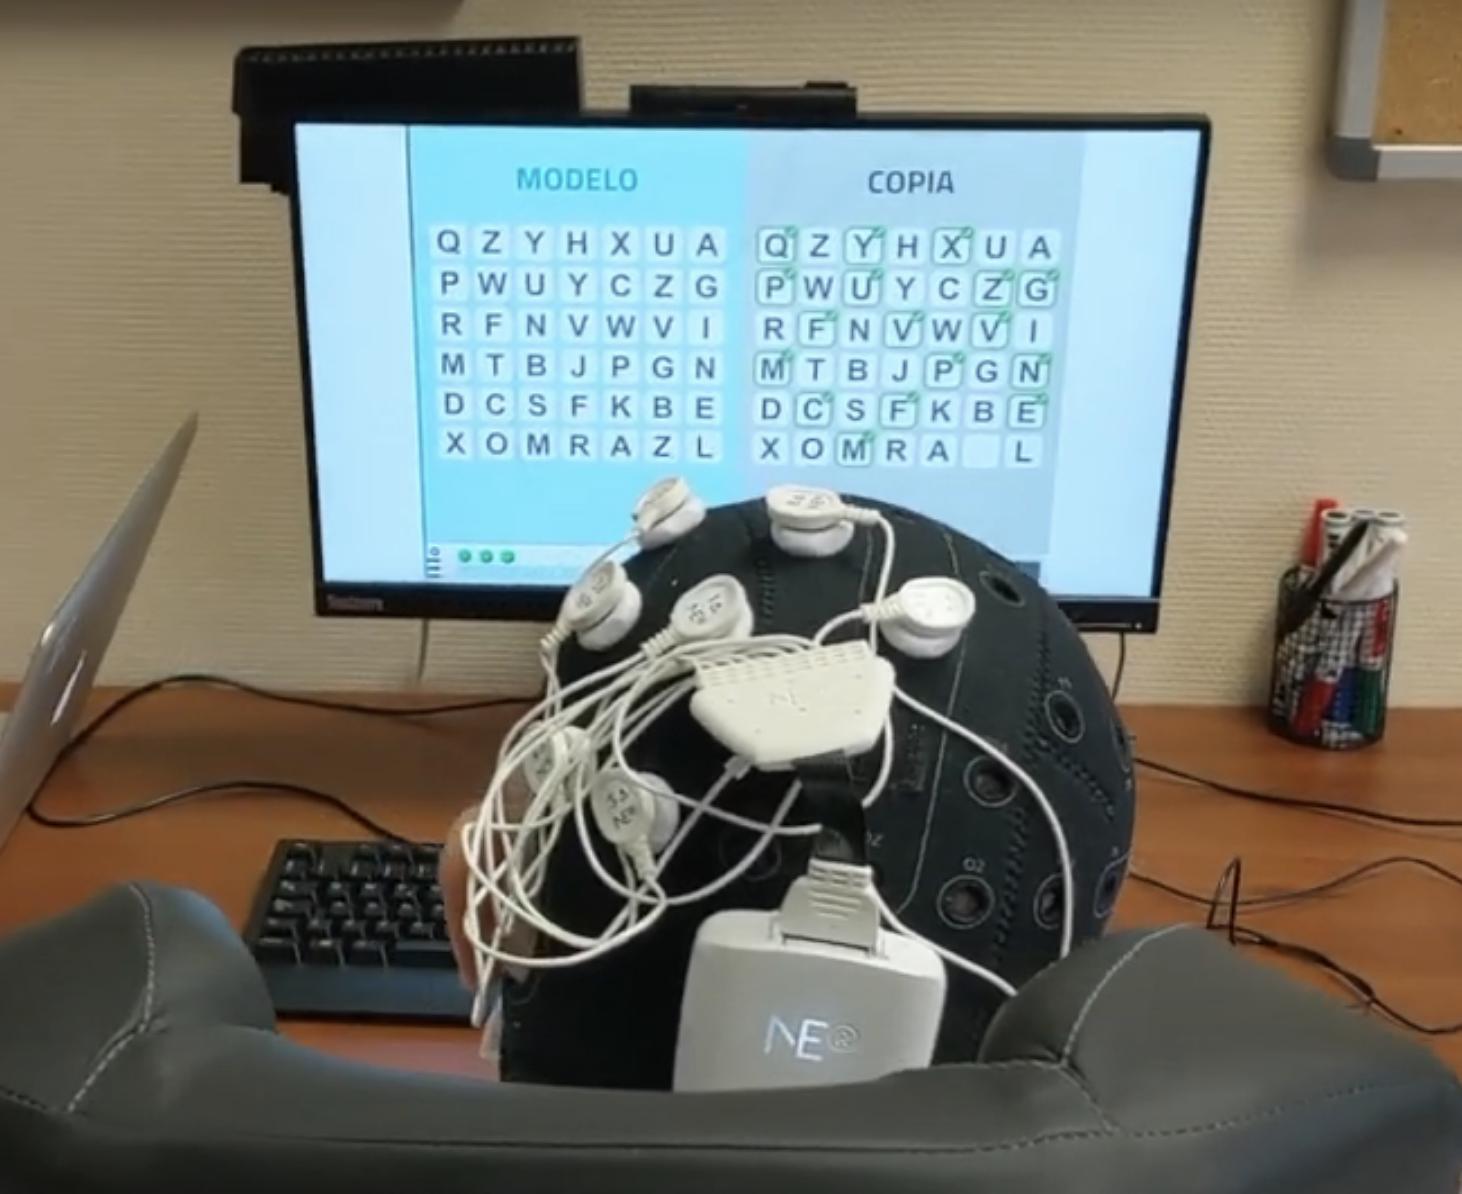 Un escritorio con una computadora teclado y ratón de computadora Descripción generada automáticamente